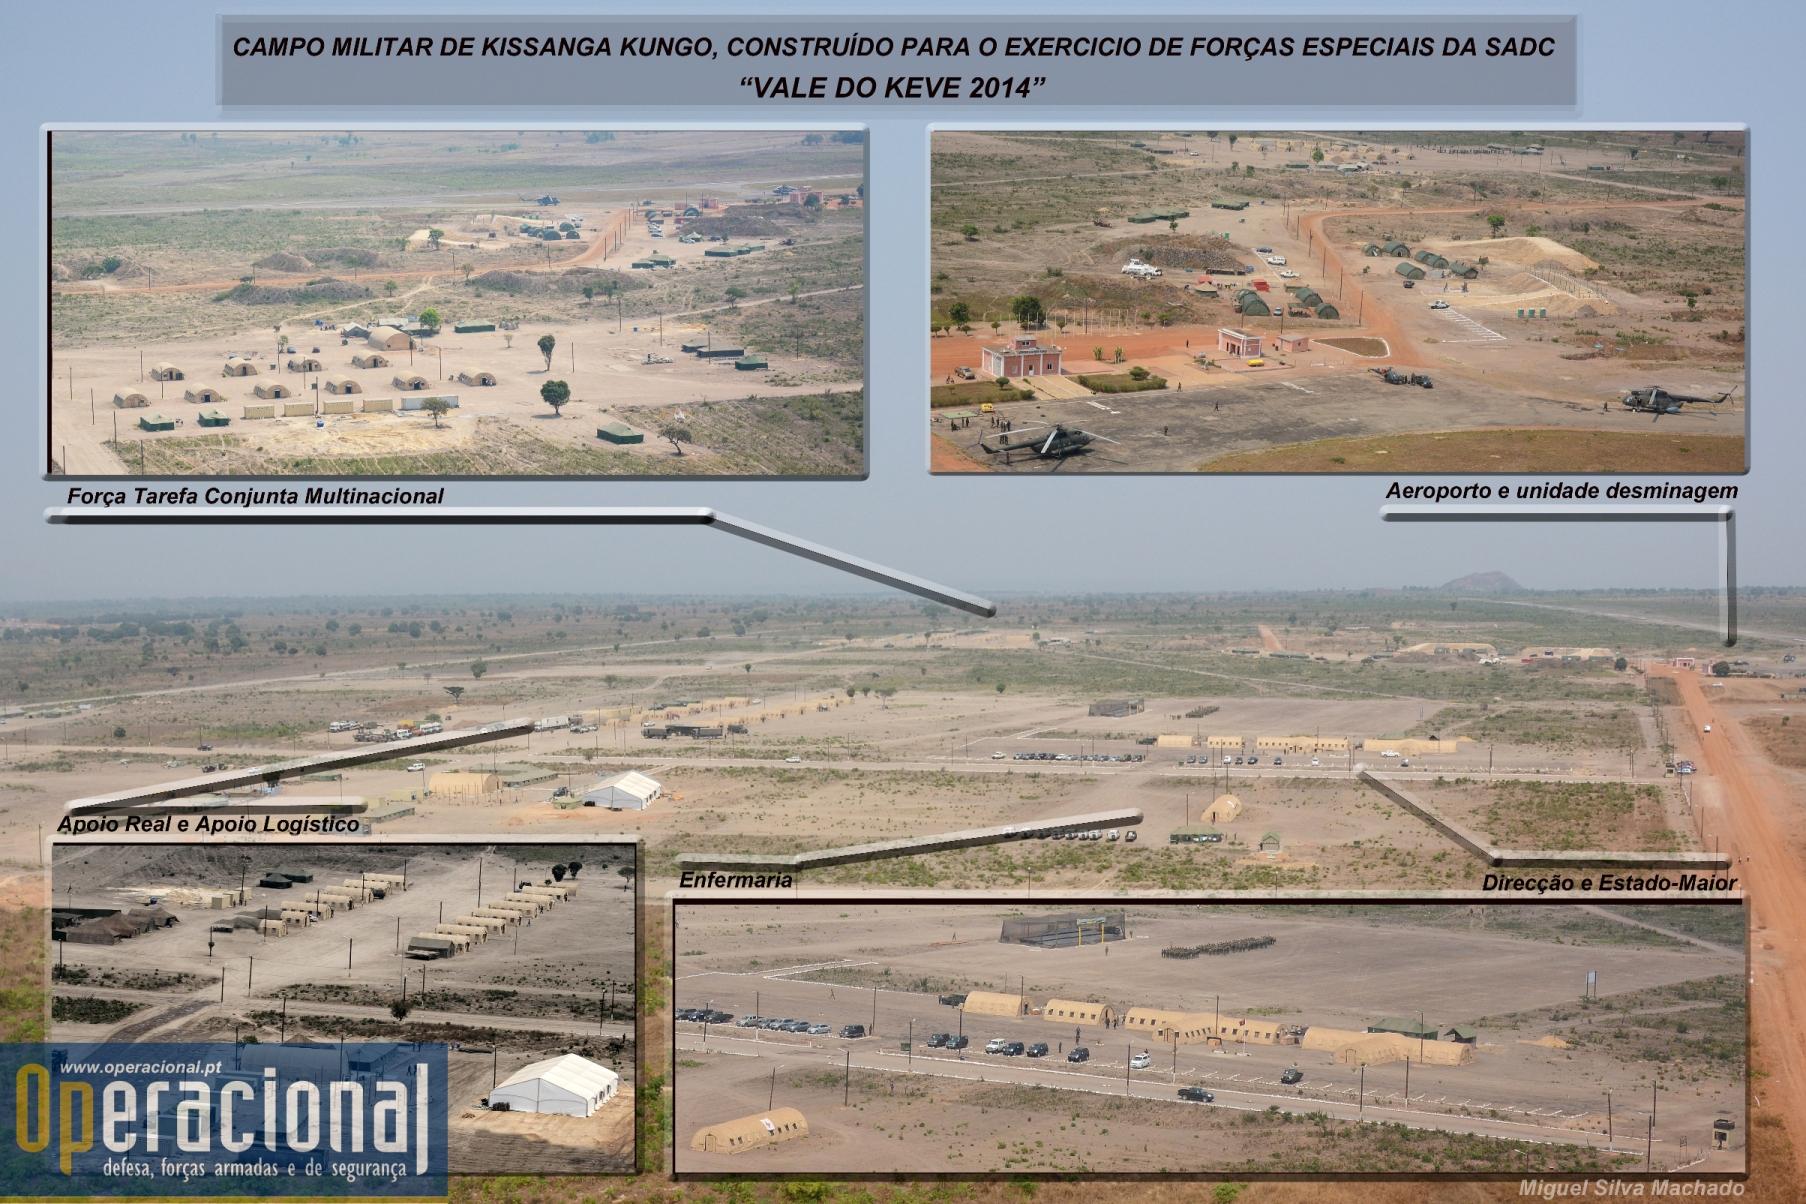 O Campo Militar fotografado no último dia do exercício. merece ser visto em detalhe!